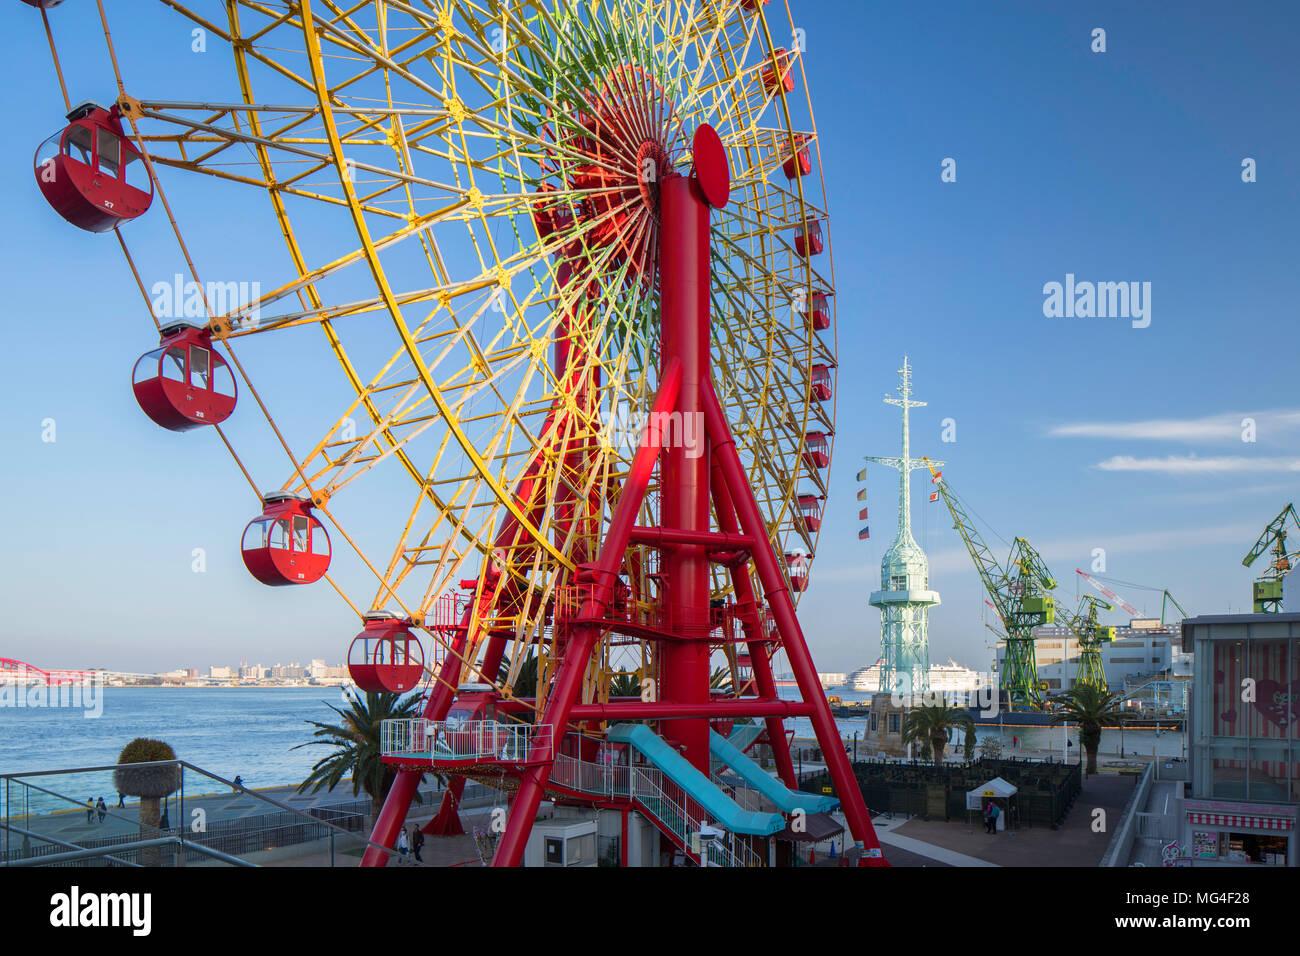 Ferris wheel at harbour, Kobe, Kansai, Japan - Stock Image